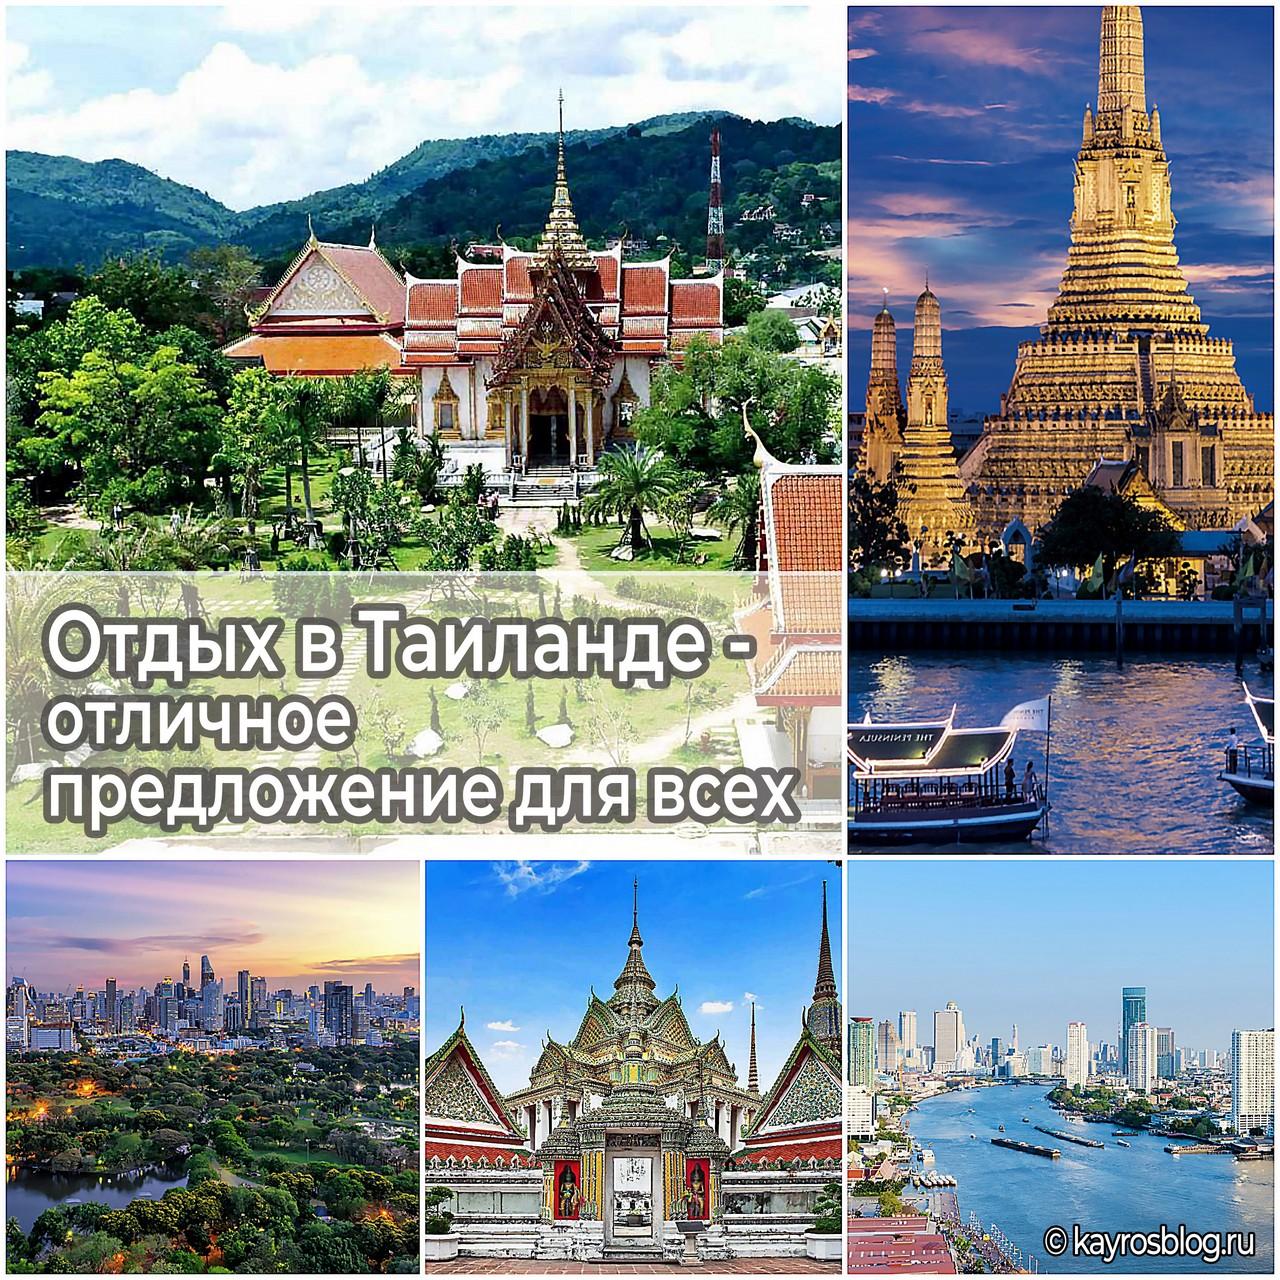 Отдых в Таиланде - отличное предложение для всех